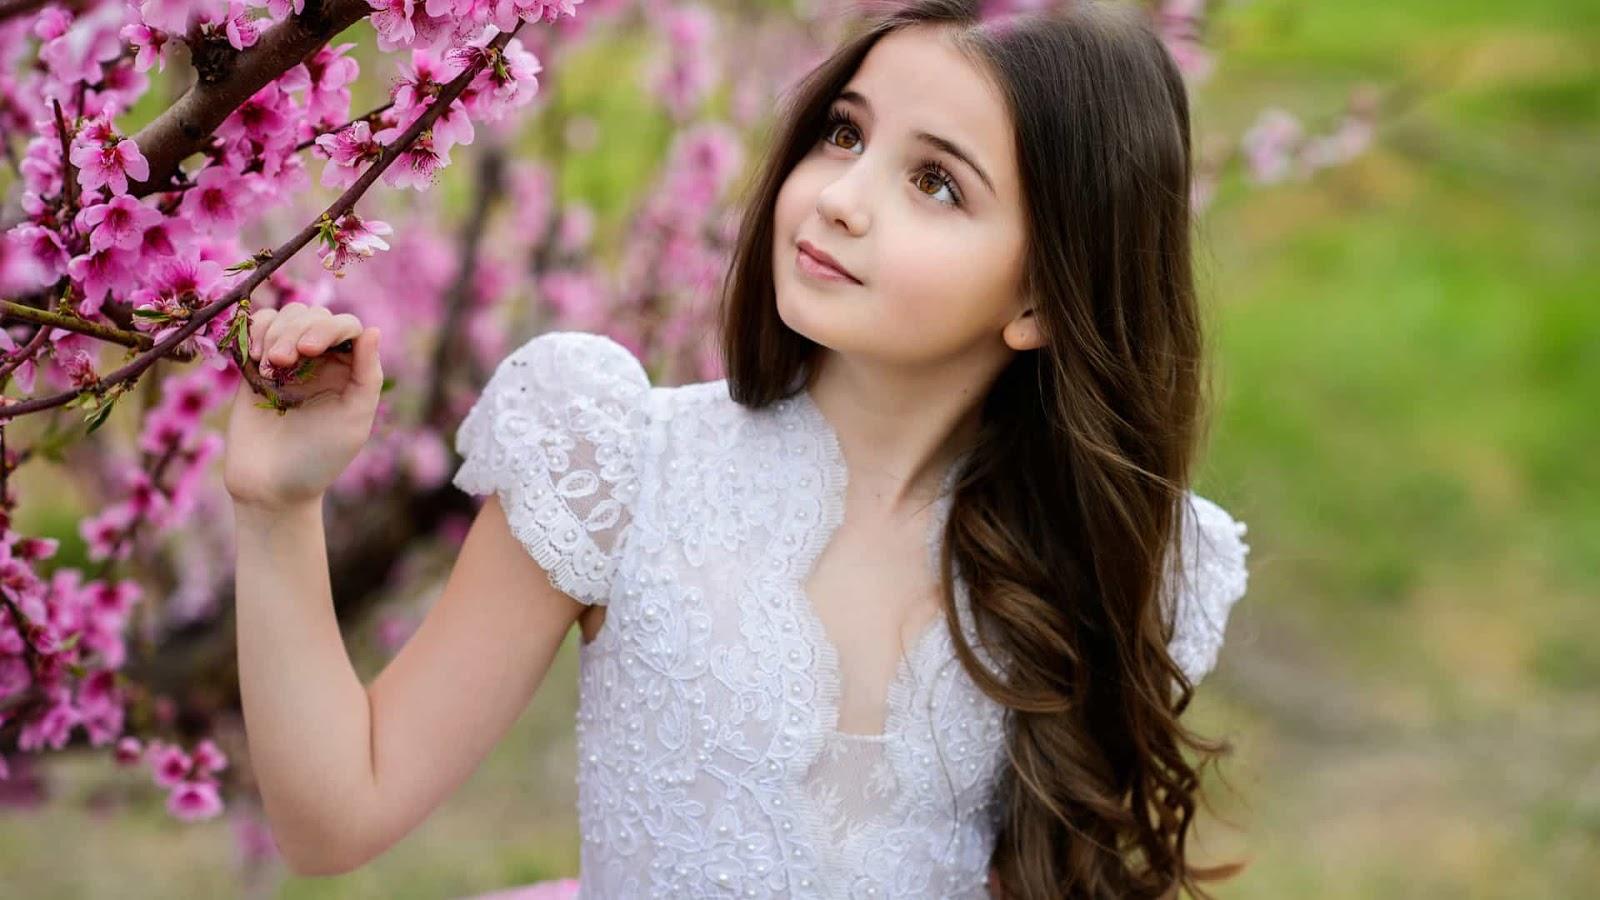 صور أطفال جميلة 2020 14